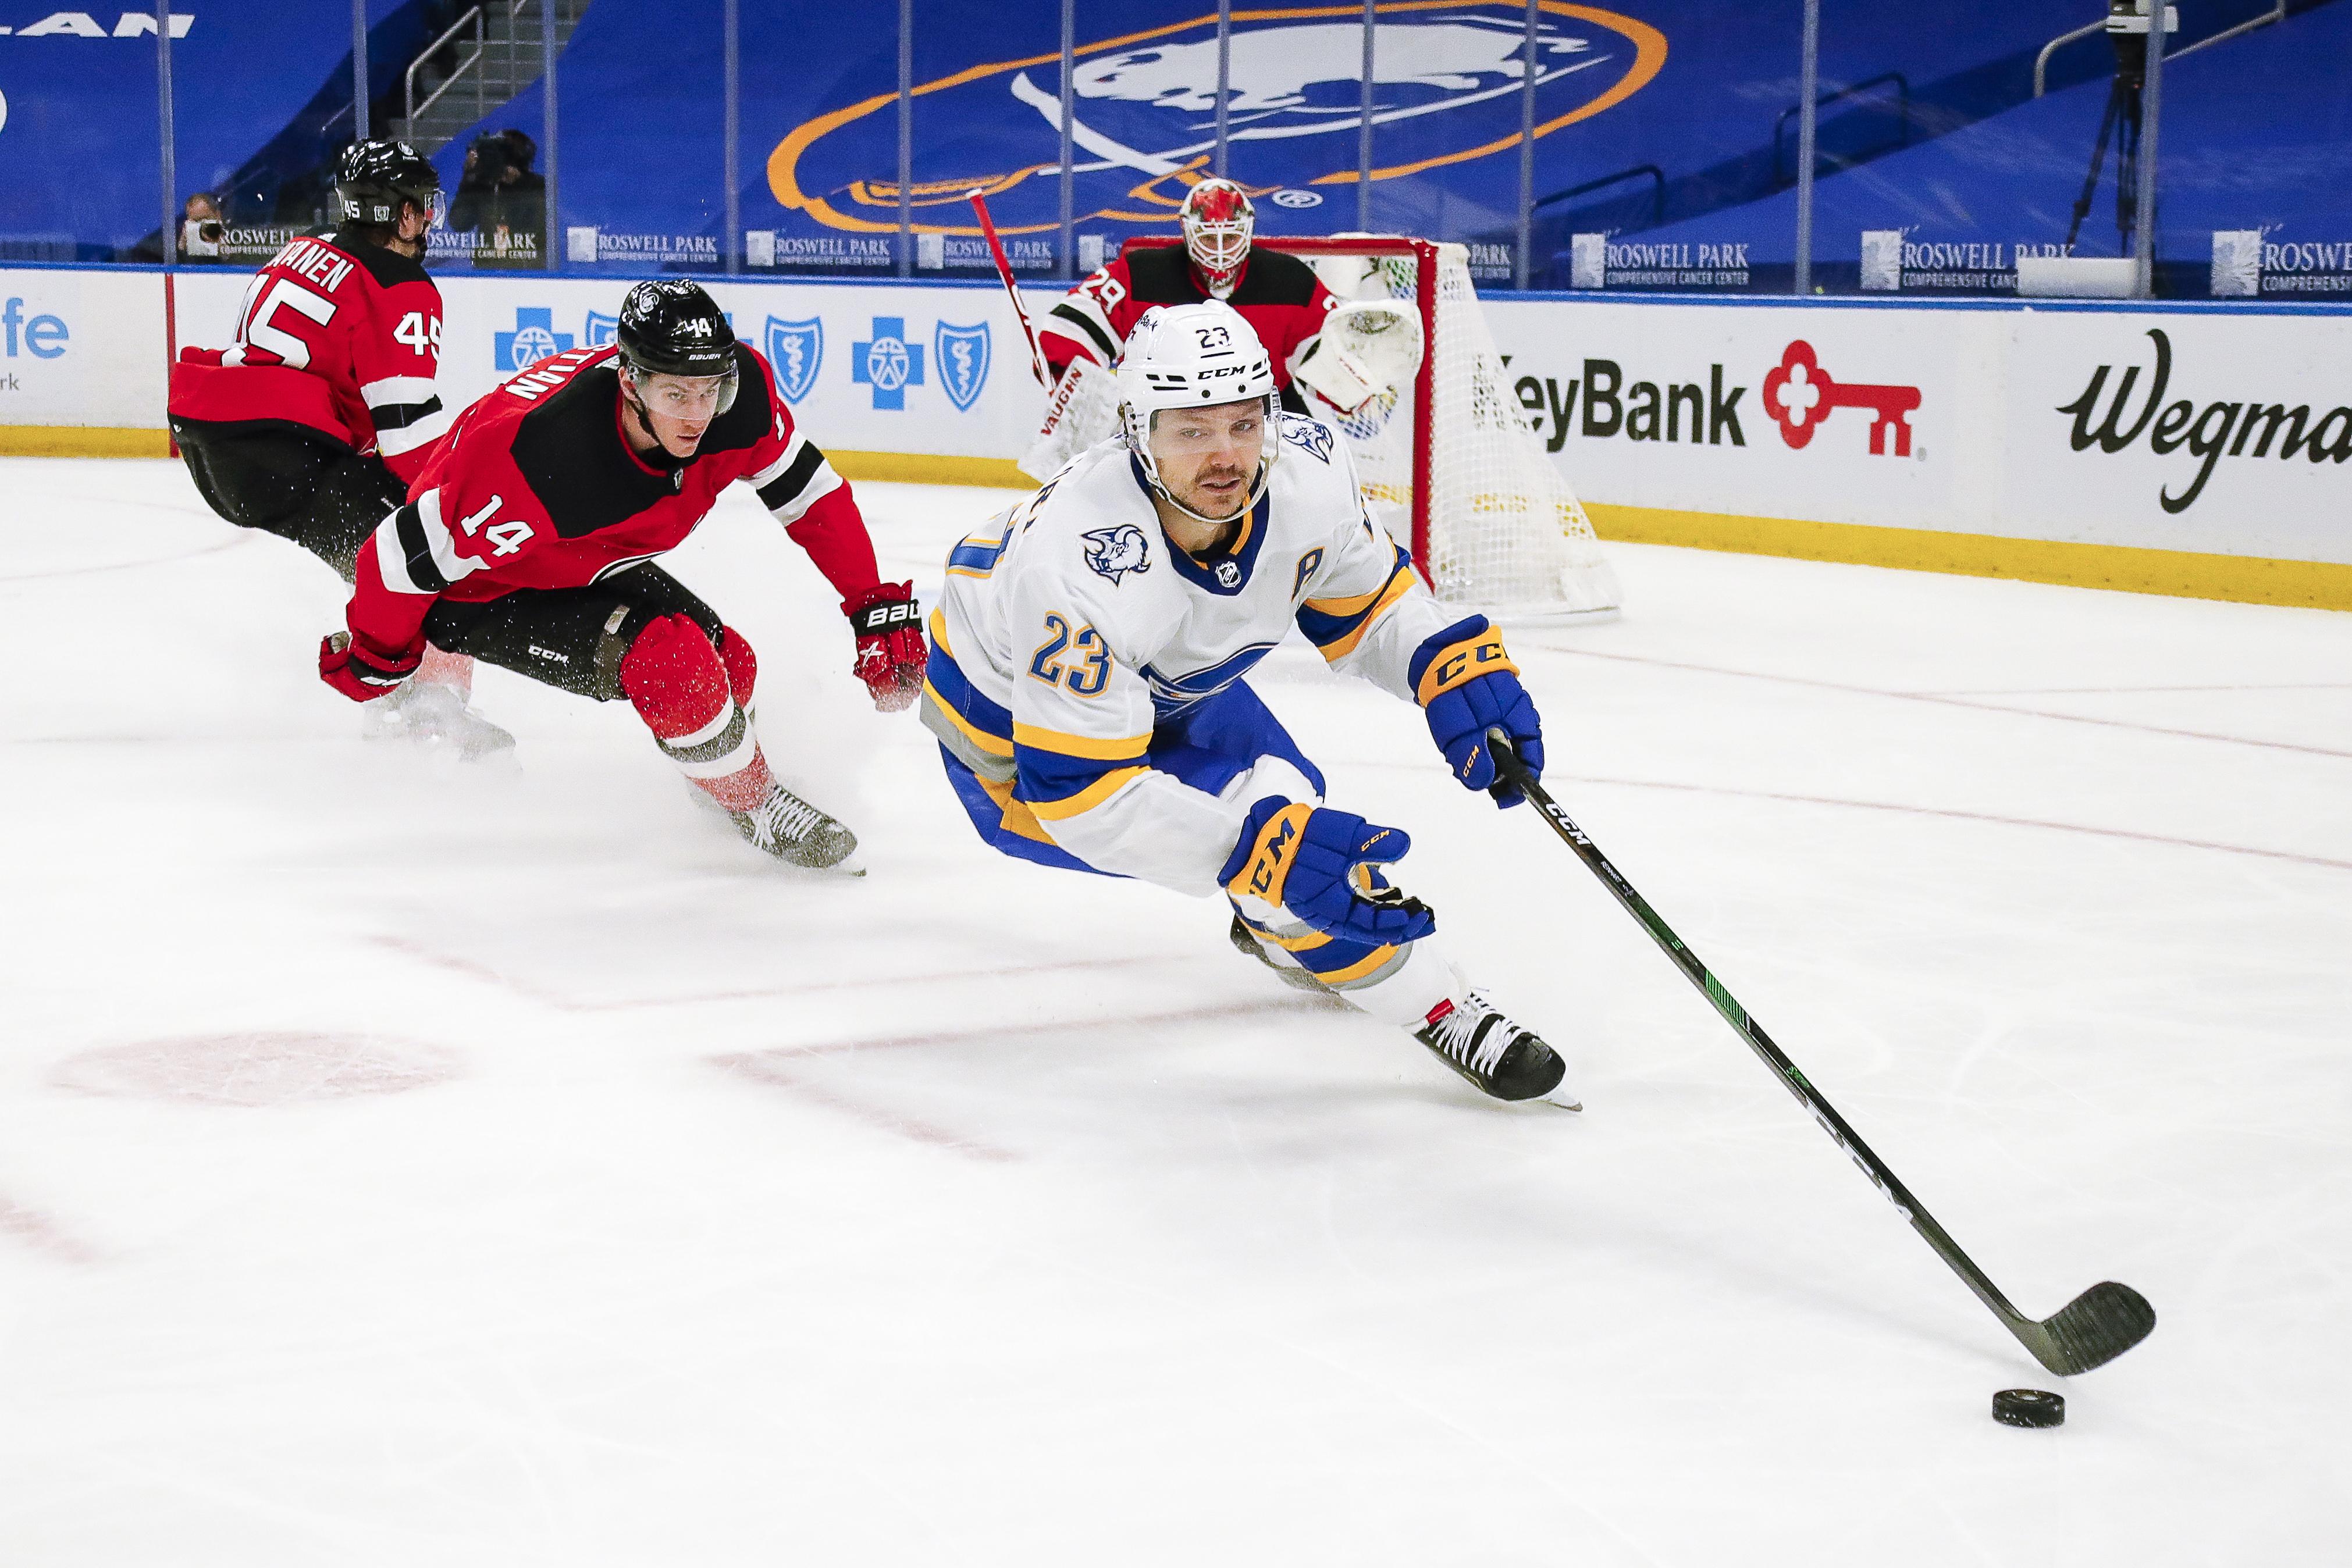 NHL: FEB 25 Devils at Sabres